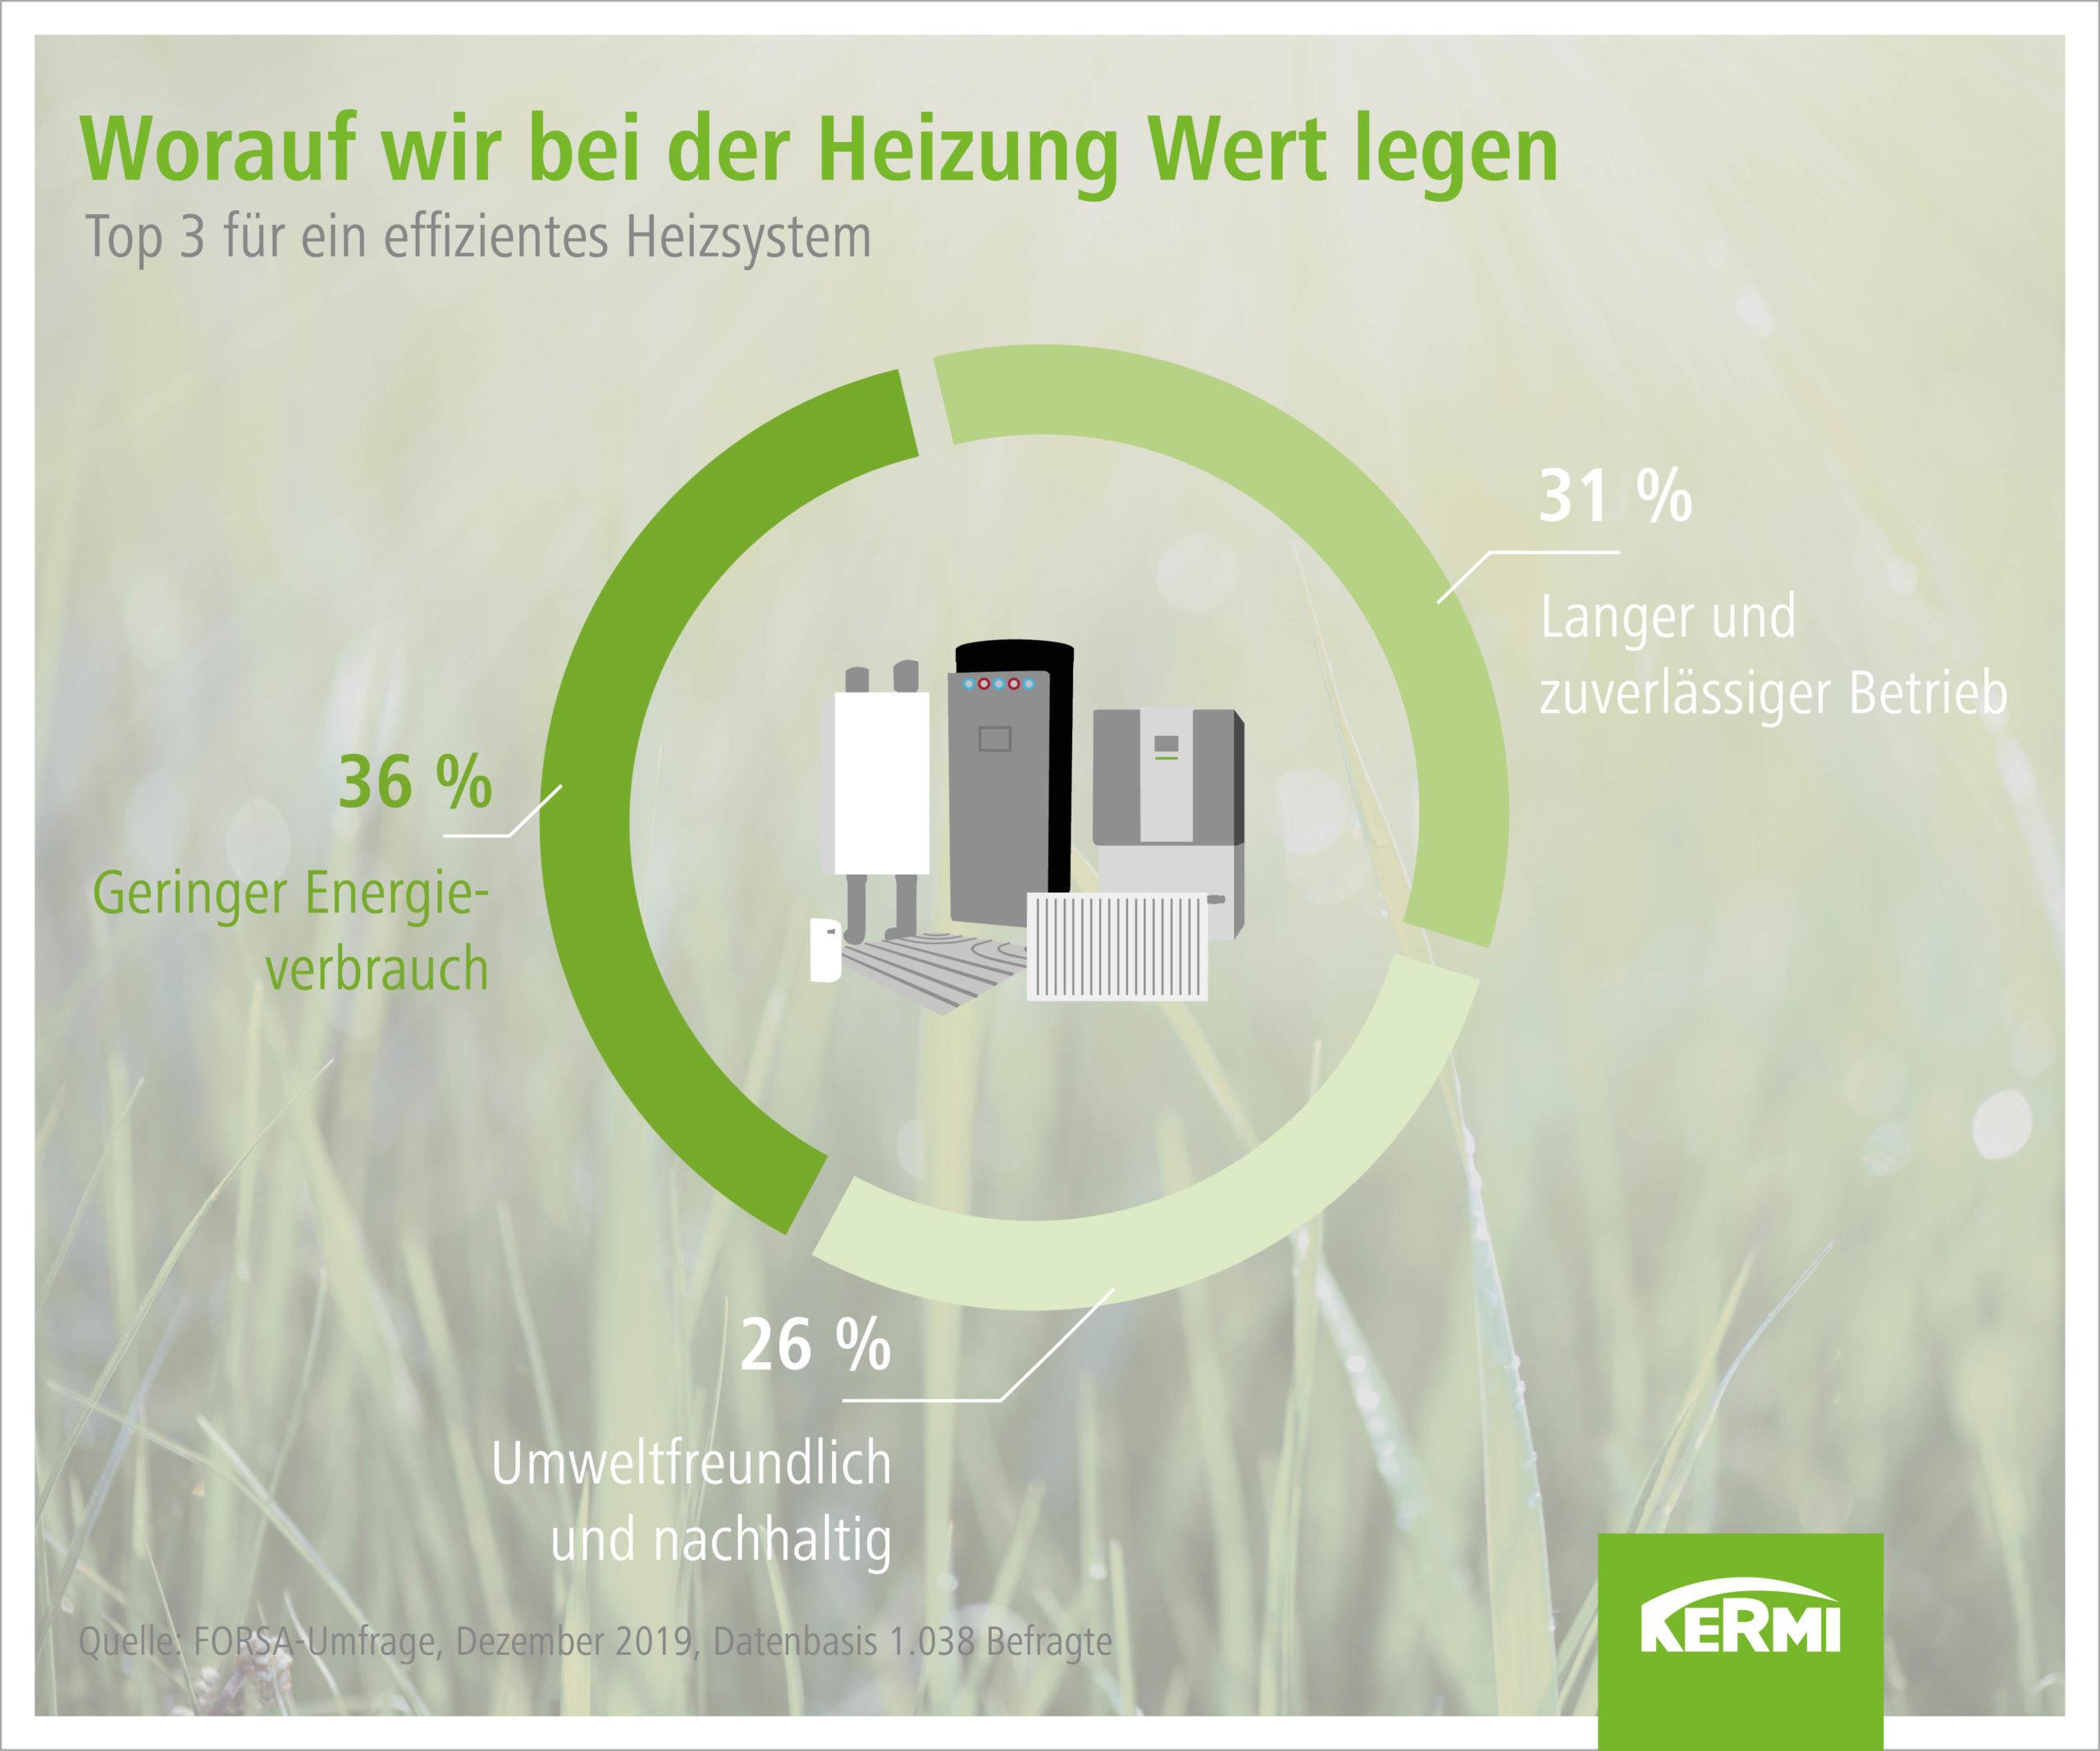 Ergebnis FORSA-Umfrage 2019 zum Heizverhalten in Deutschland